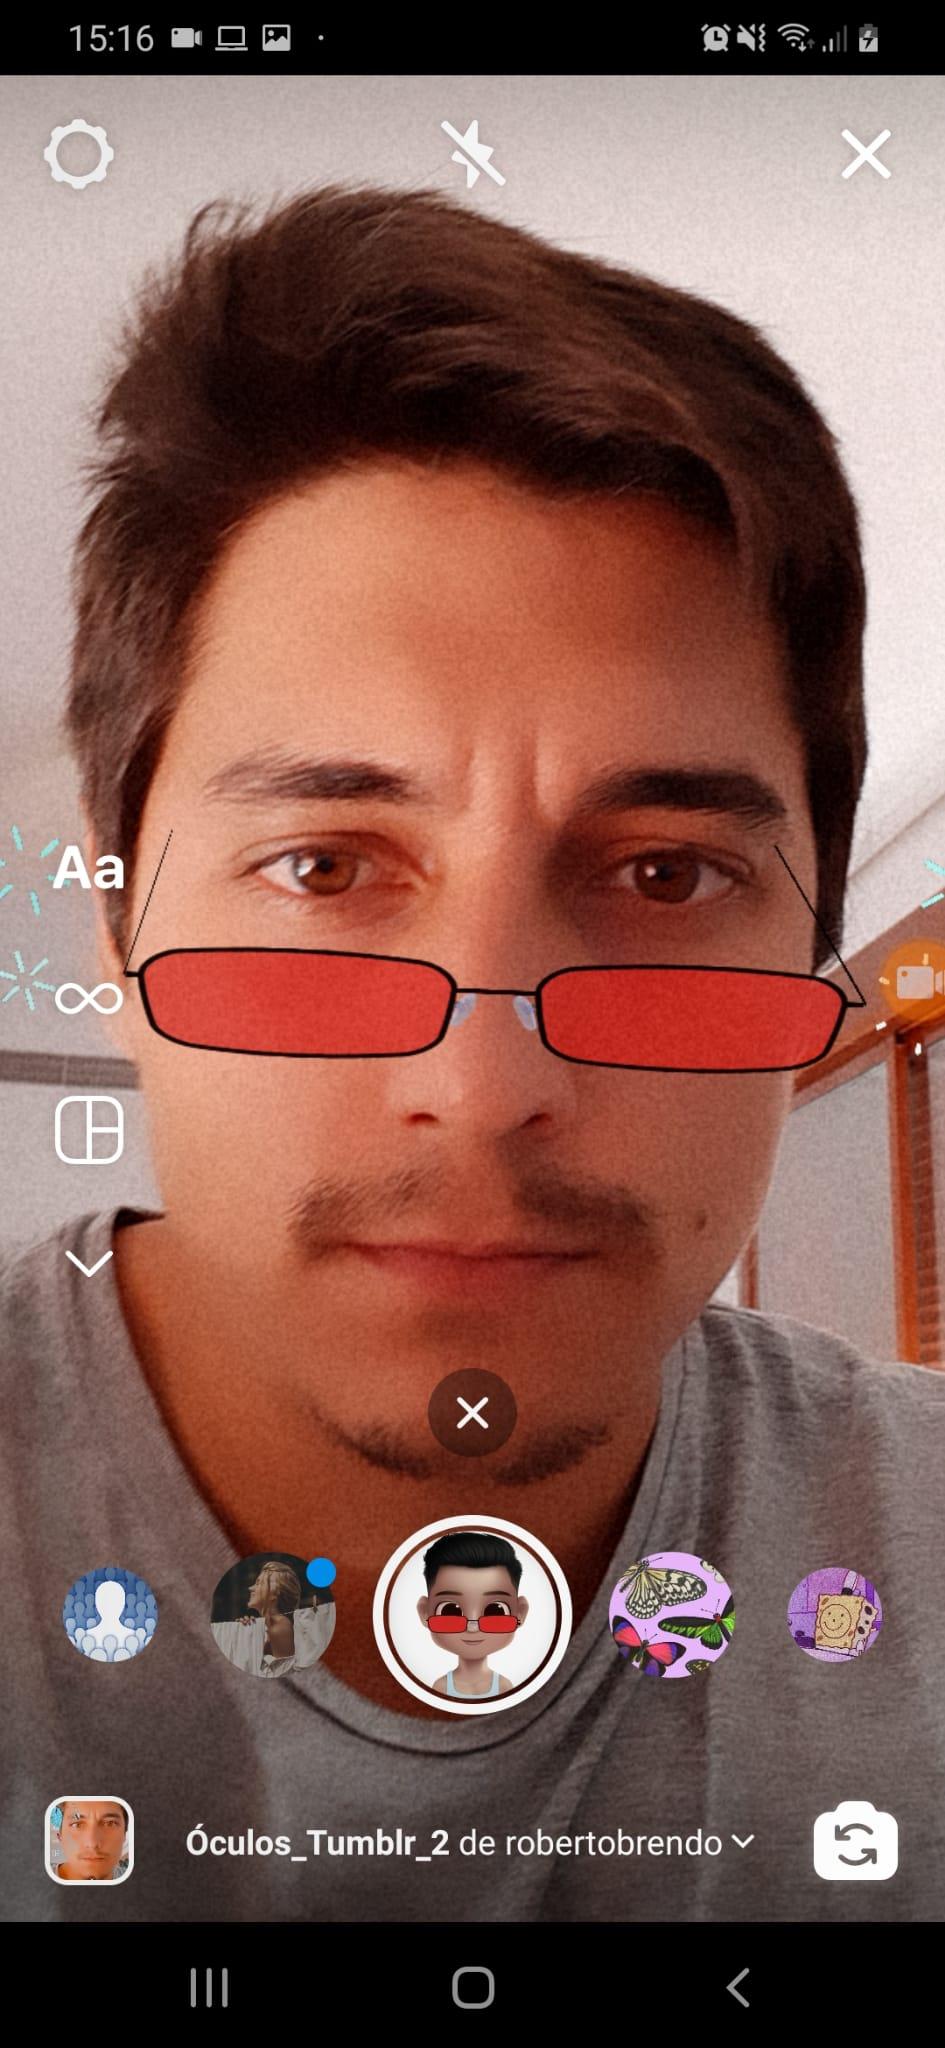 Óculos_Tumblr_2